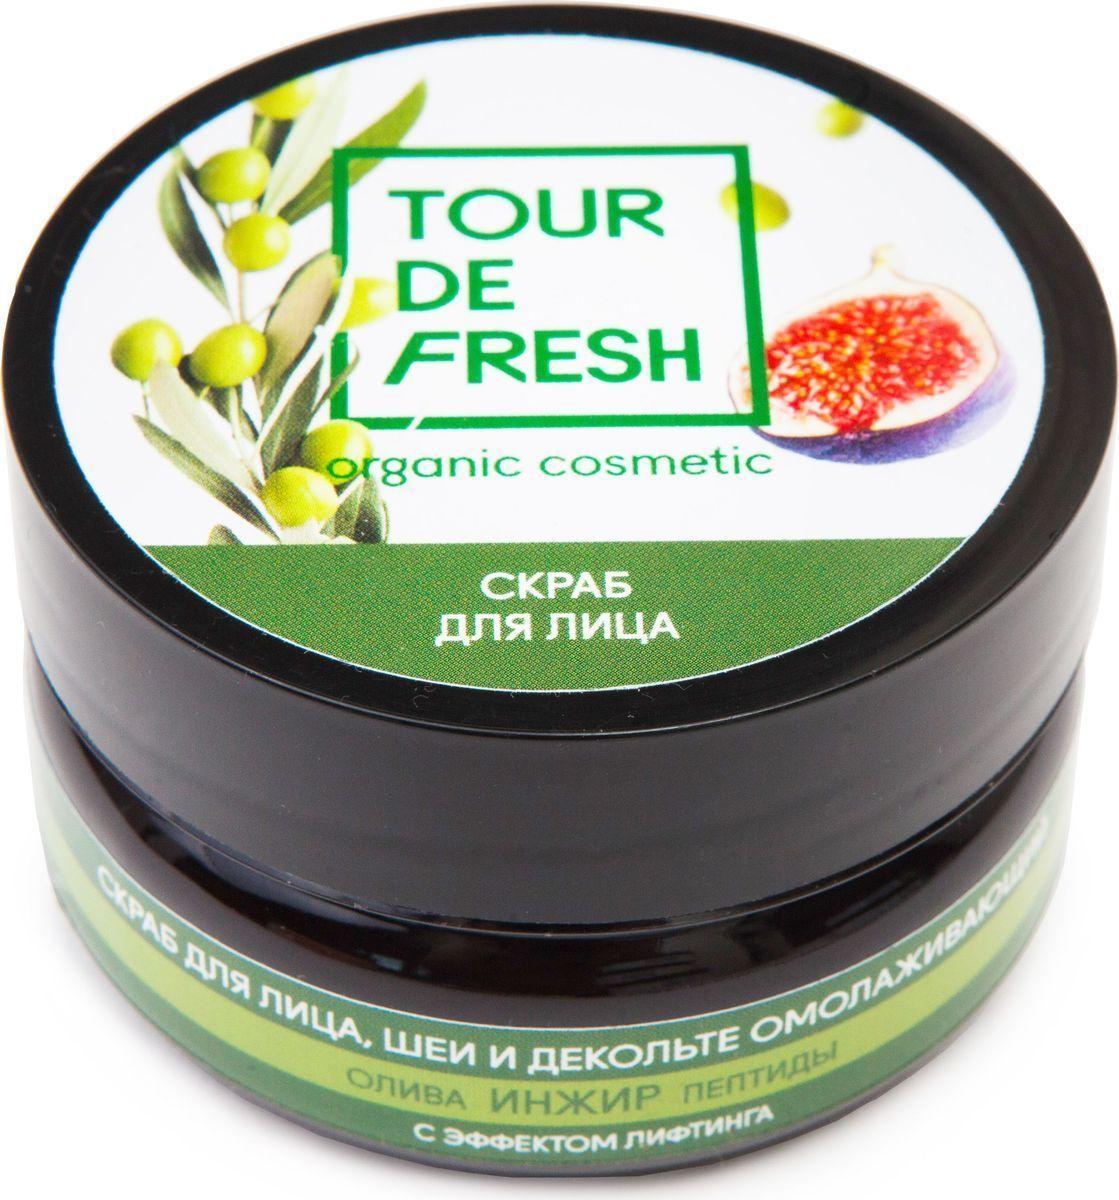 Tour De Fresh Омолаживающий скраб для лица, шеи и зоны декольте Олива - Инжир - Пептиды, 60 млУФ000000366Органический антивозрастной скраб мягко отшелушивает и способствует обновлению клеток повышает упругость кожи. Скраб для лица Олива-инжир-пептиды деликатно ухаживает за чувствительной кожей.Мягкая полиэтиленовая пудра аккуратно отшелушивает ороговевшие частицы, не повреждая и не царапая кожу. В состав входит оливковое масло, питающее кожу и уменьшающее глубину морщин. Экстракт инжира - мощное лифтинг-средство, которое тонизирует кожу и обладает интенсивным омолаживающим действием. Пептиды ржи замедляют разрушение коллагеновых волокон и способствуют обновлению клеток.